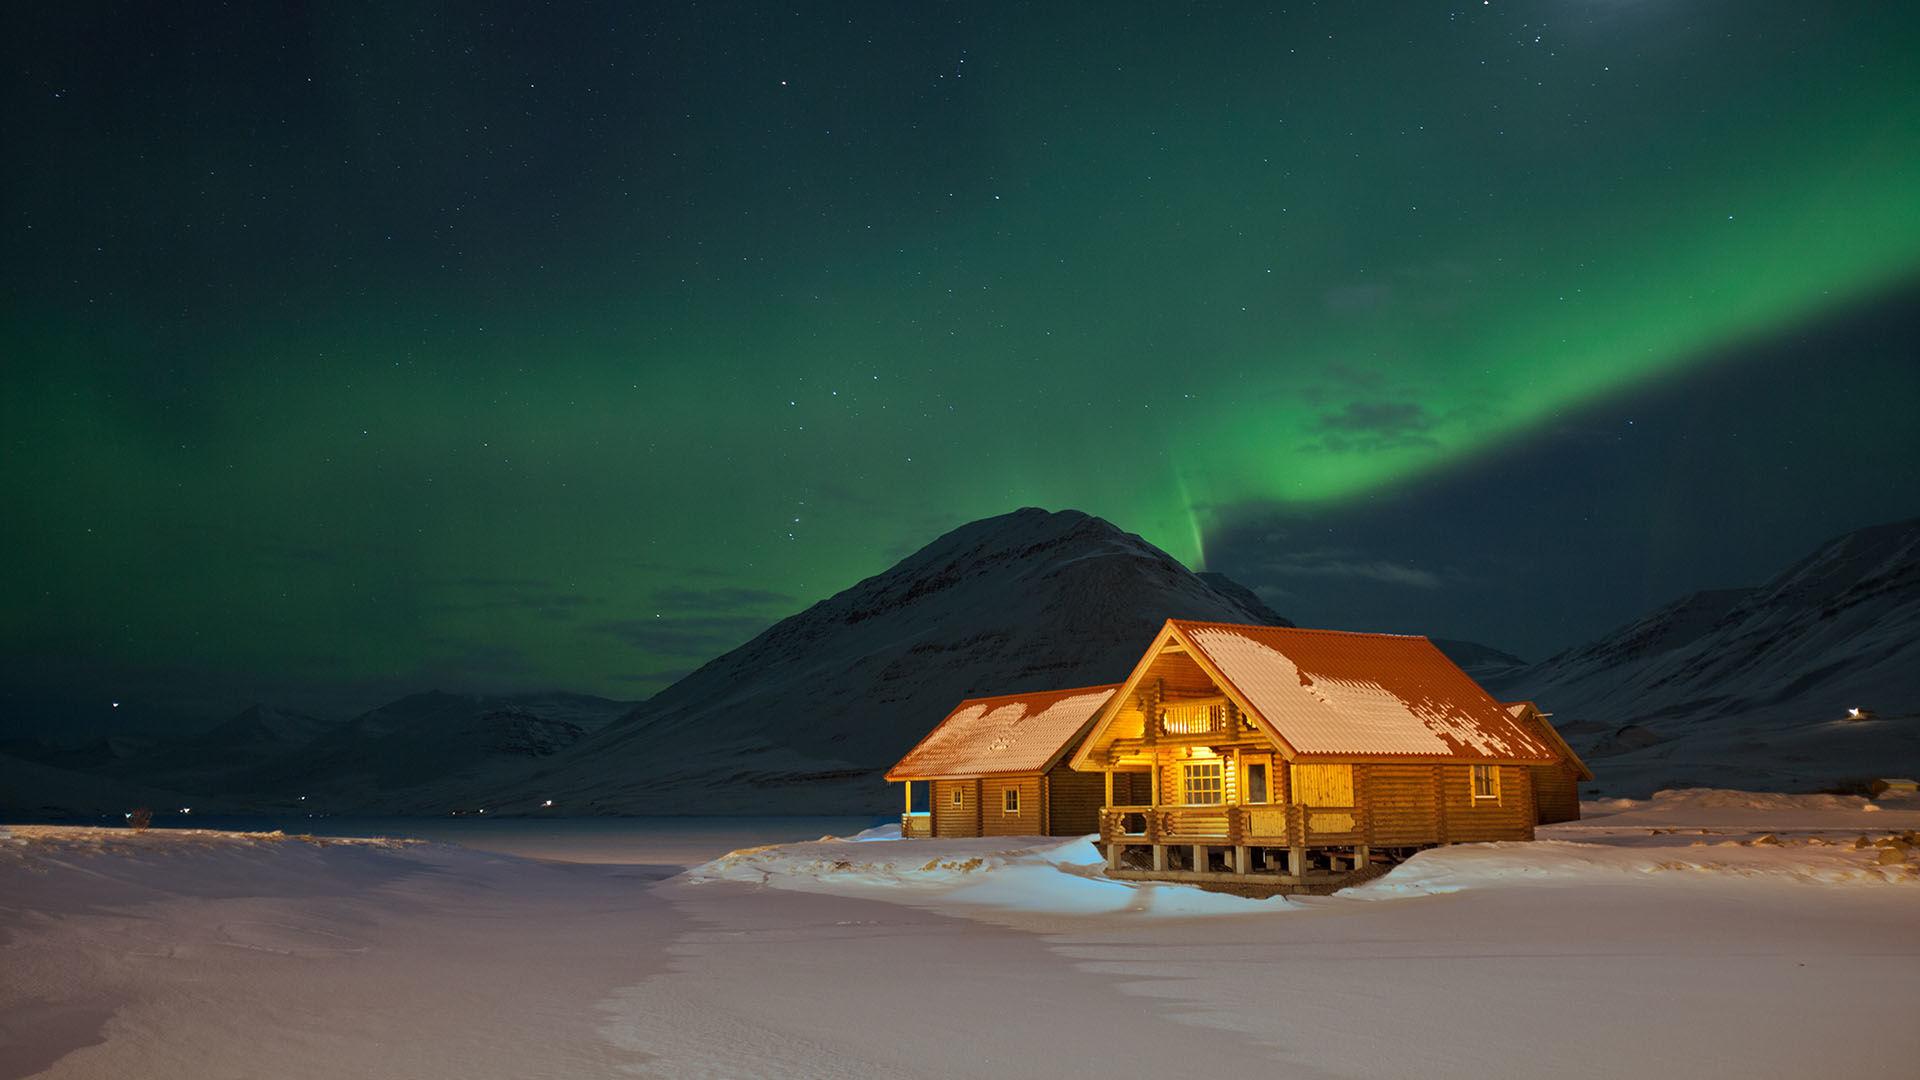 Skitourenreise Island Trollhalbinsel Alpinewelten Bergfuehrer Polarlicht